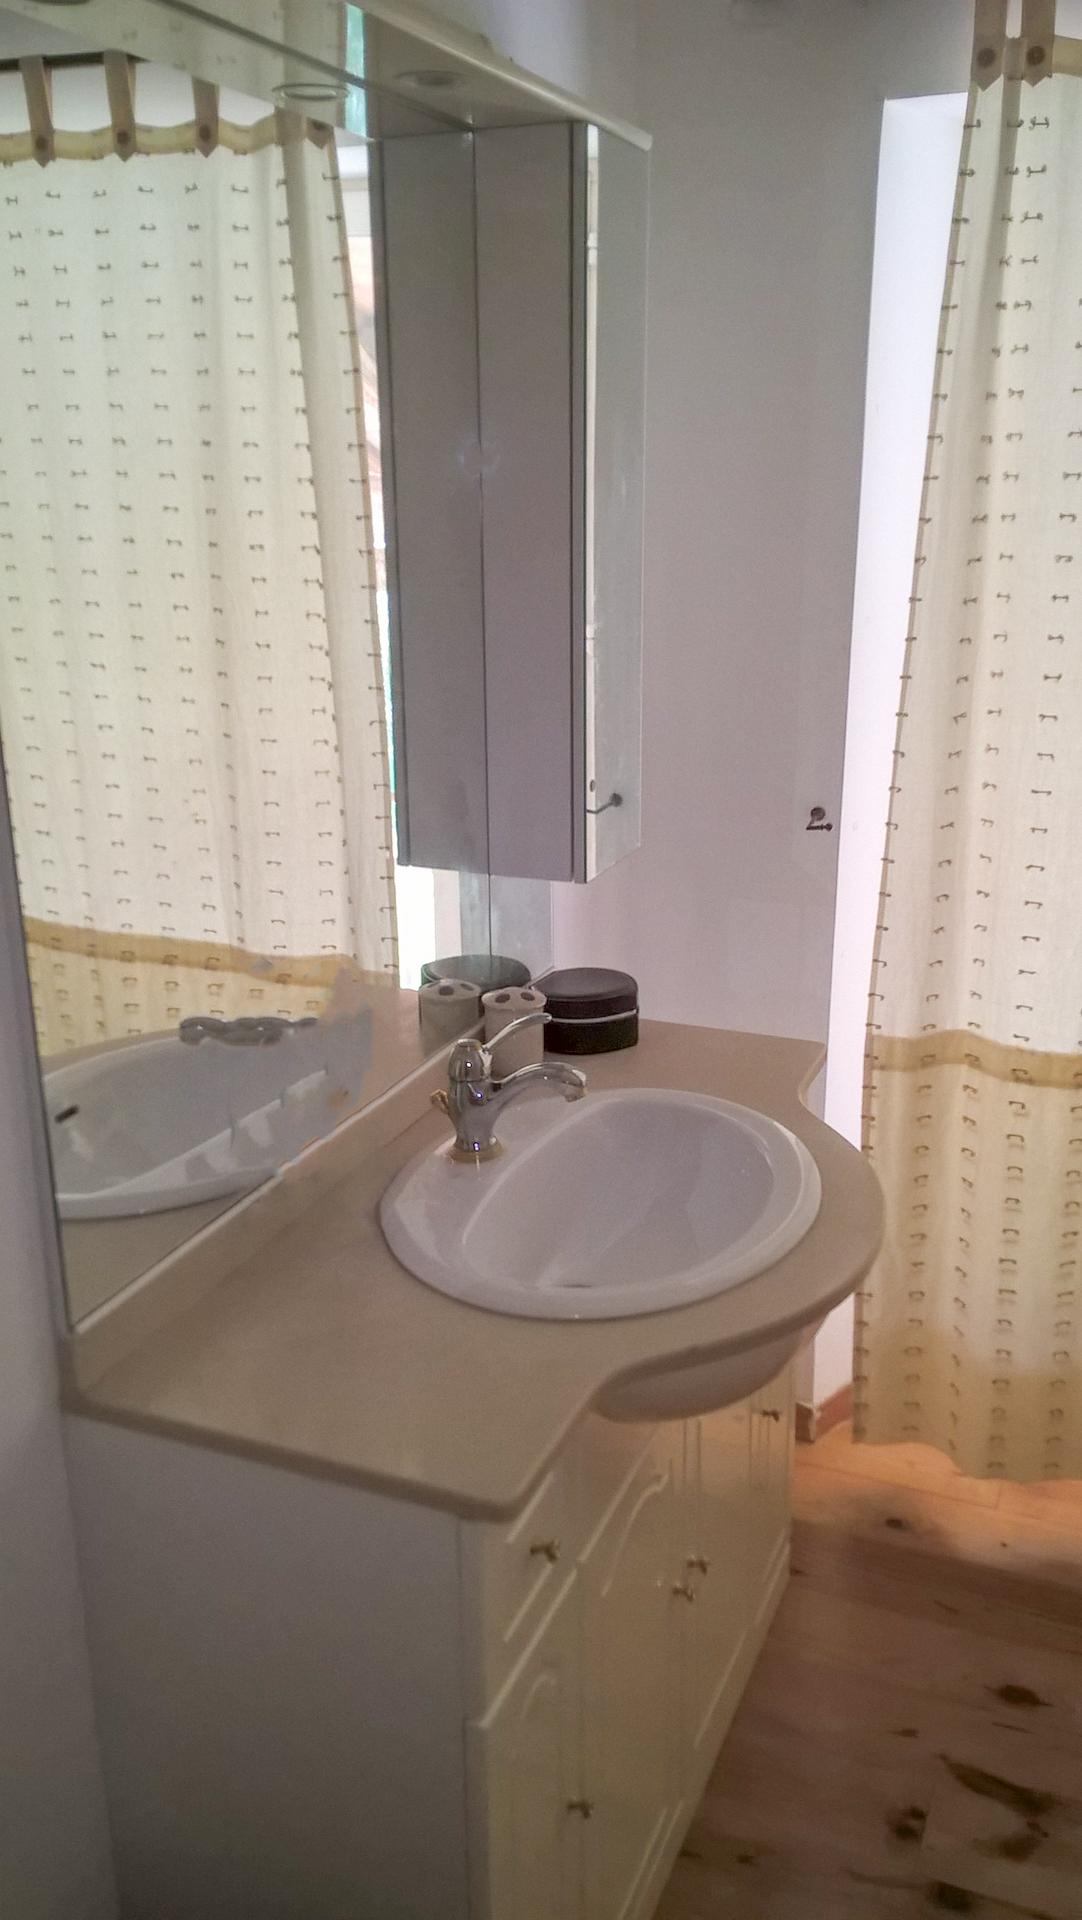 Les bourdoncles serena salle de bain tage les bourdoncles - Modifier salle de bain ...